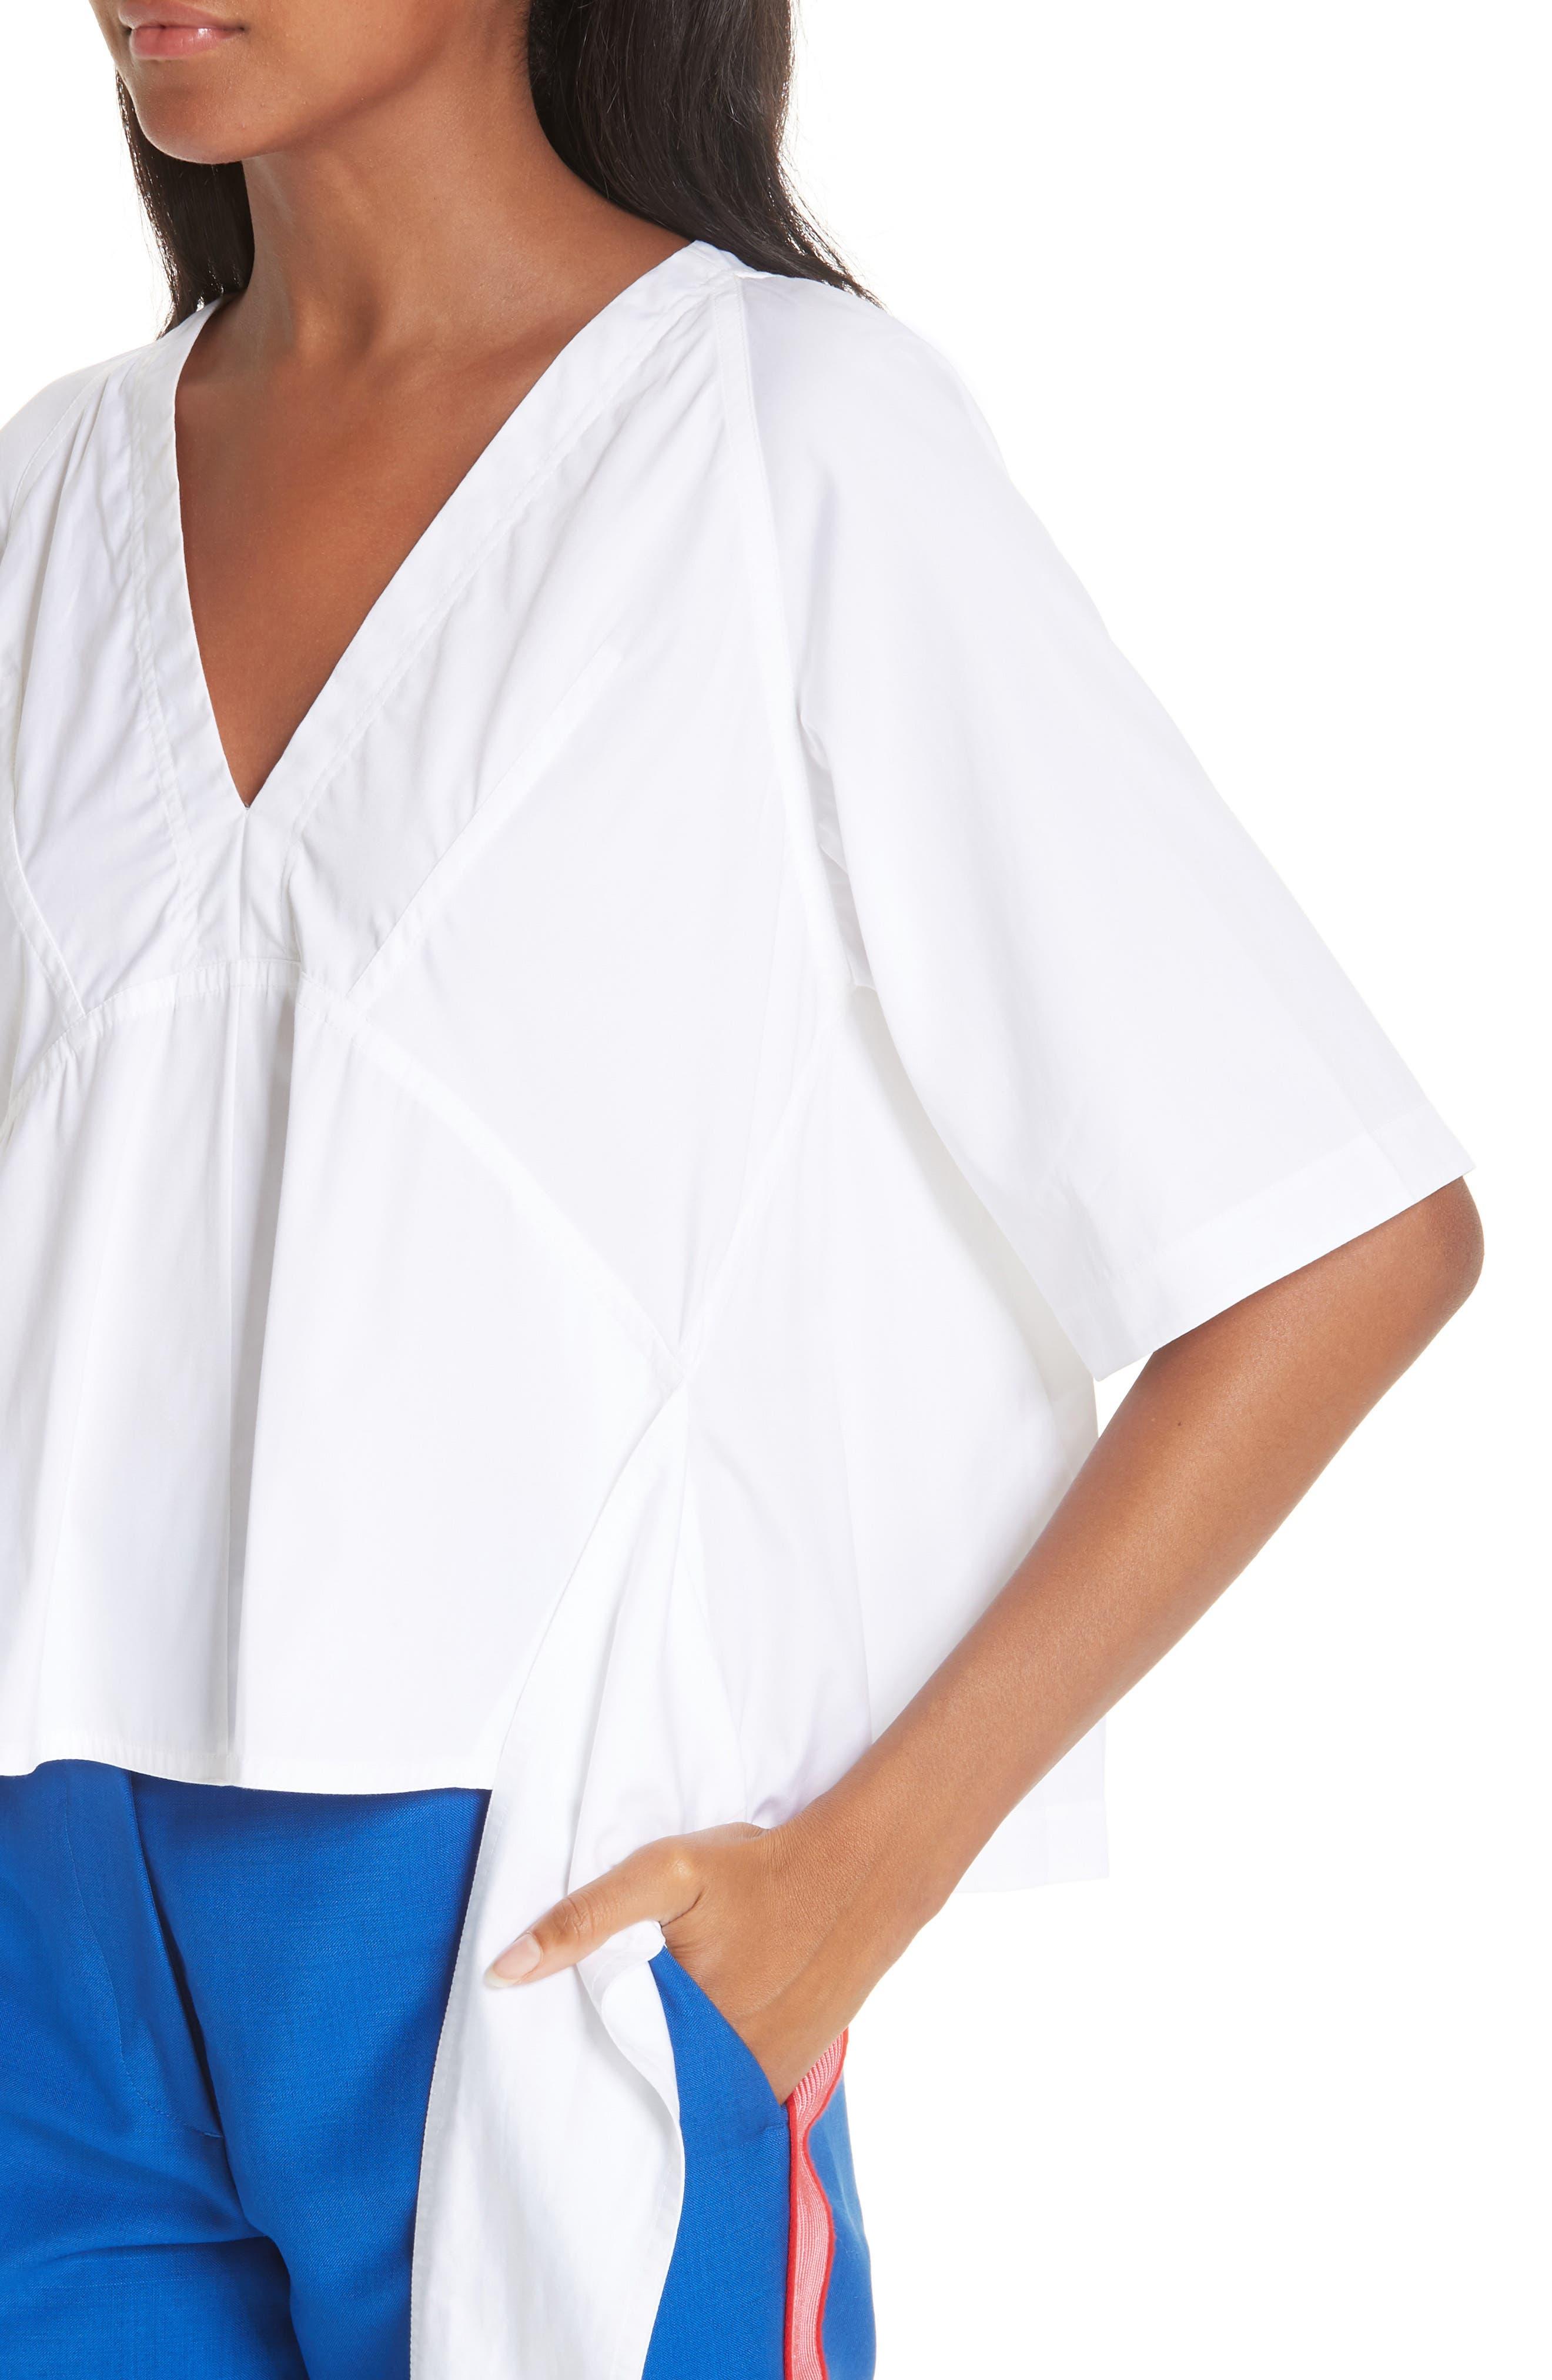 CALVIN KLEIN 205W39NYC, Sash Detail Cotton Poplin Top, Alternate thumbnail 5, color, OPTIC WHITE